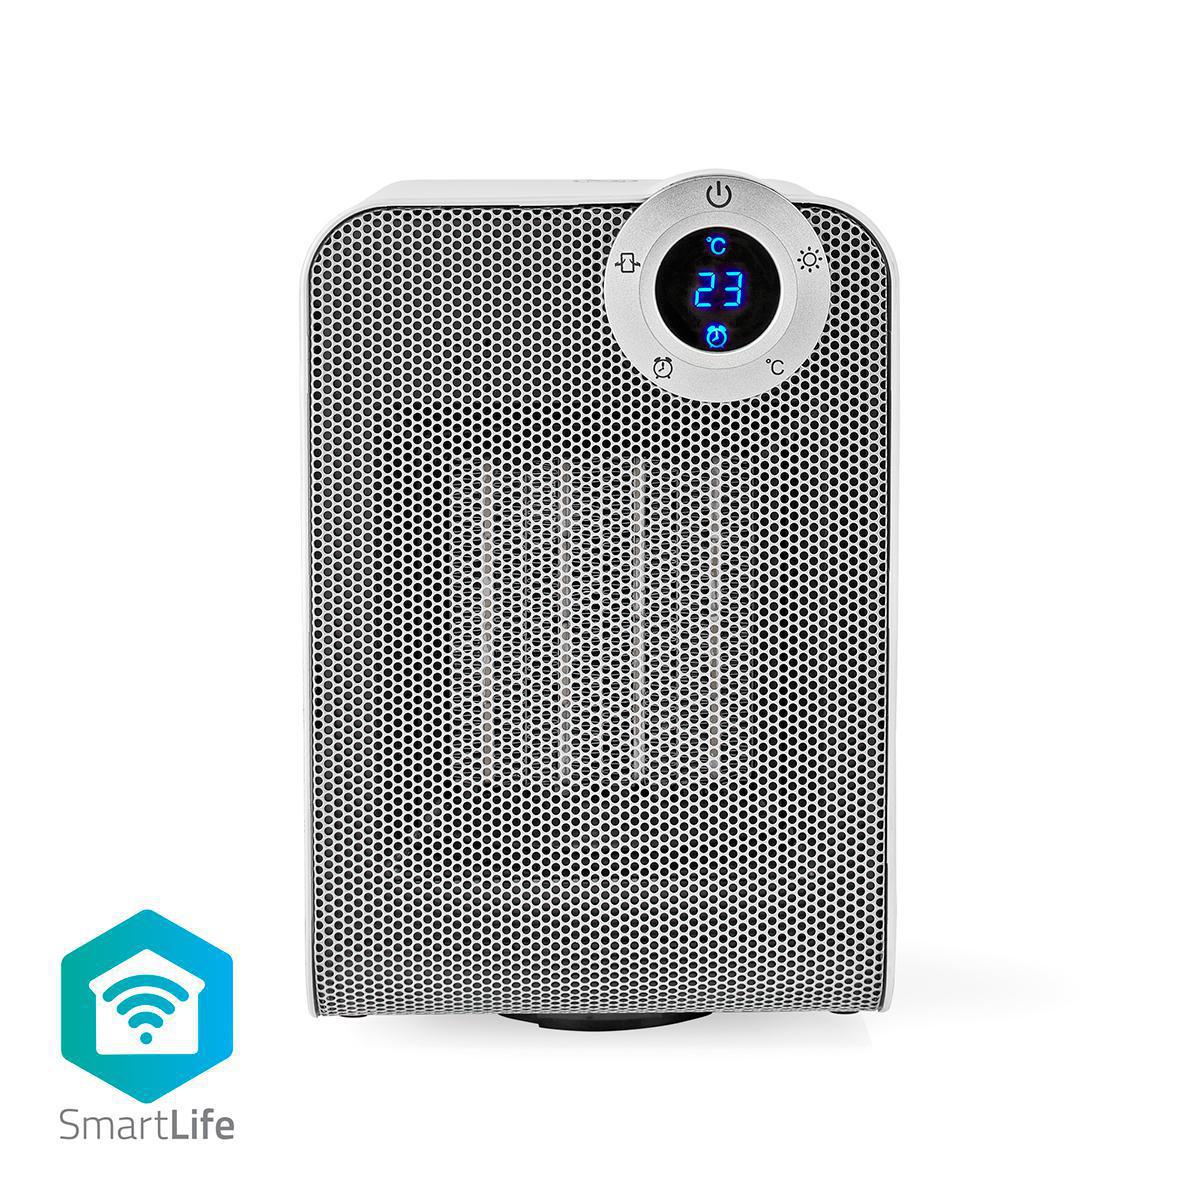 WiFi smartvifteovn Kompakt Oscillering 1800 W Hvit